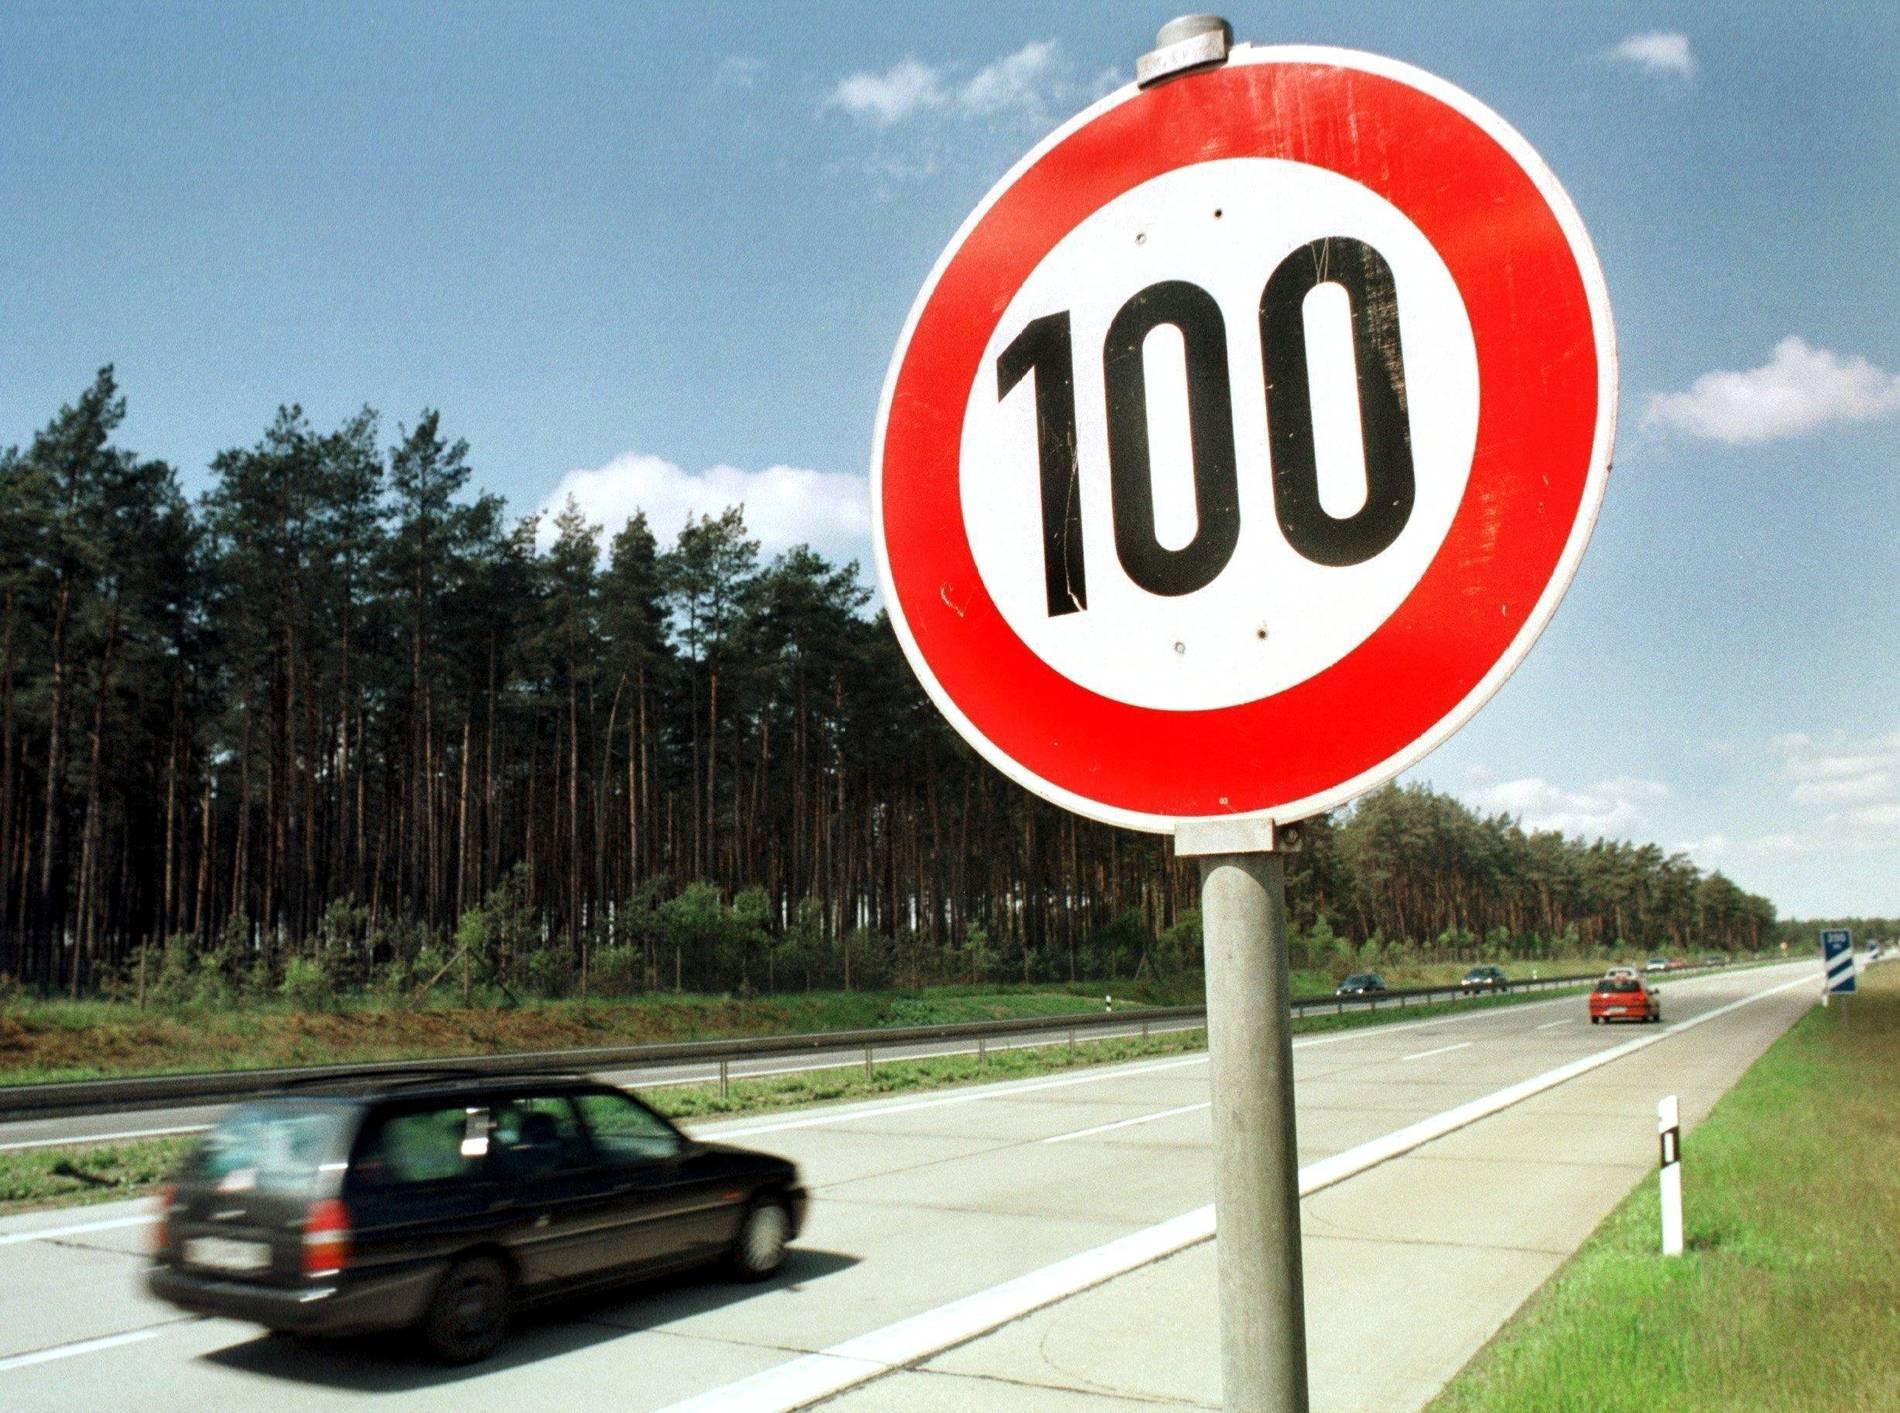 Niederlande wollen Tempolimit 100 auf Autobahn - Kampf gegen Klimawandel